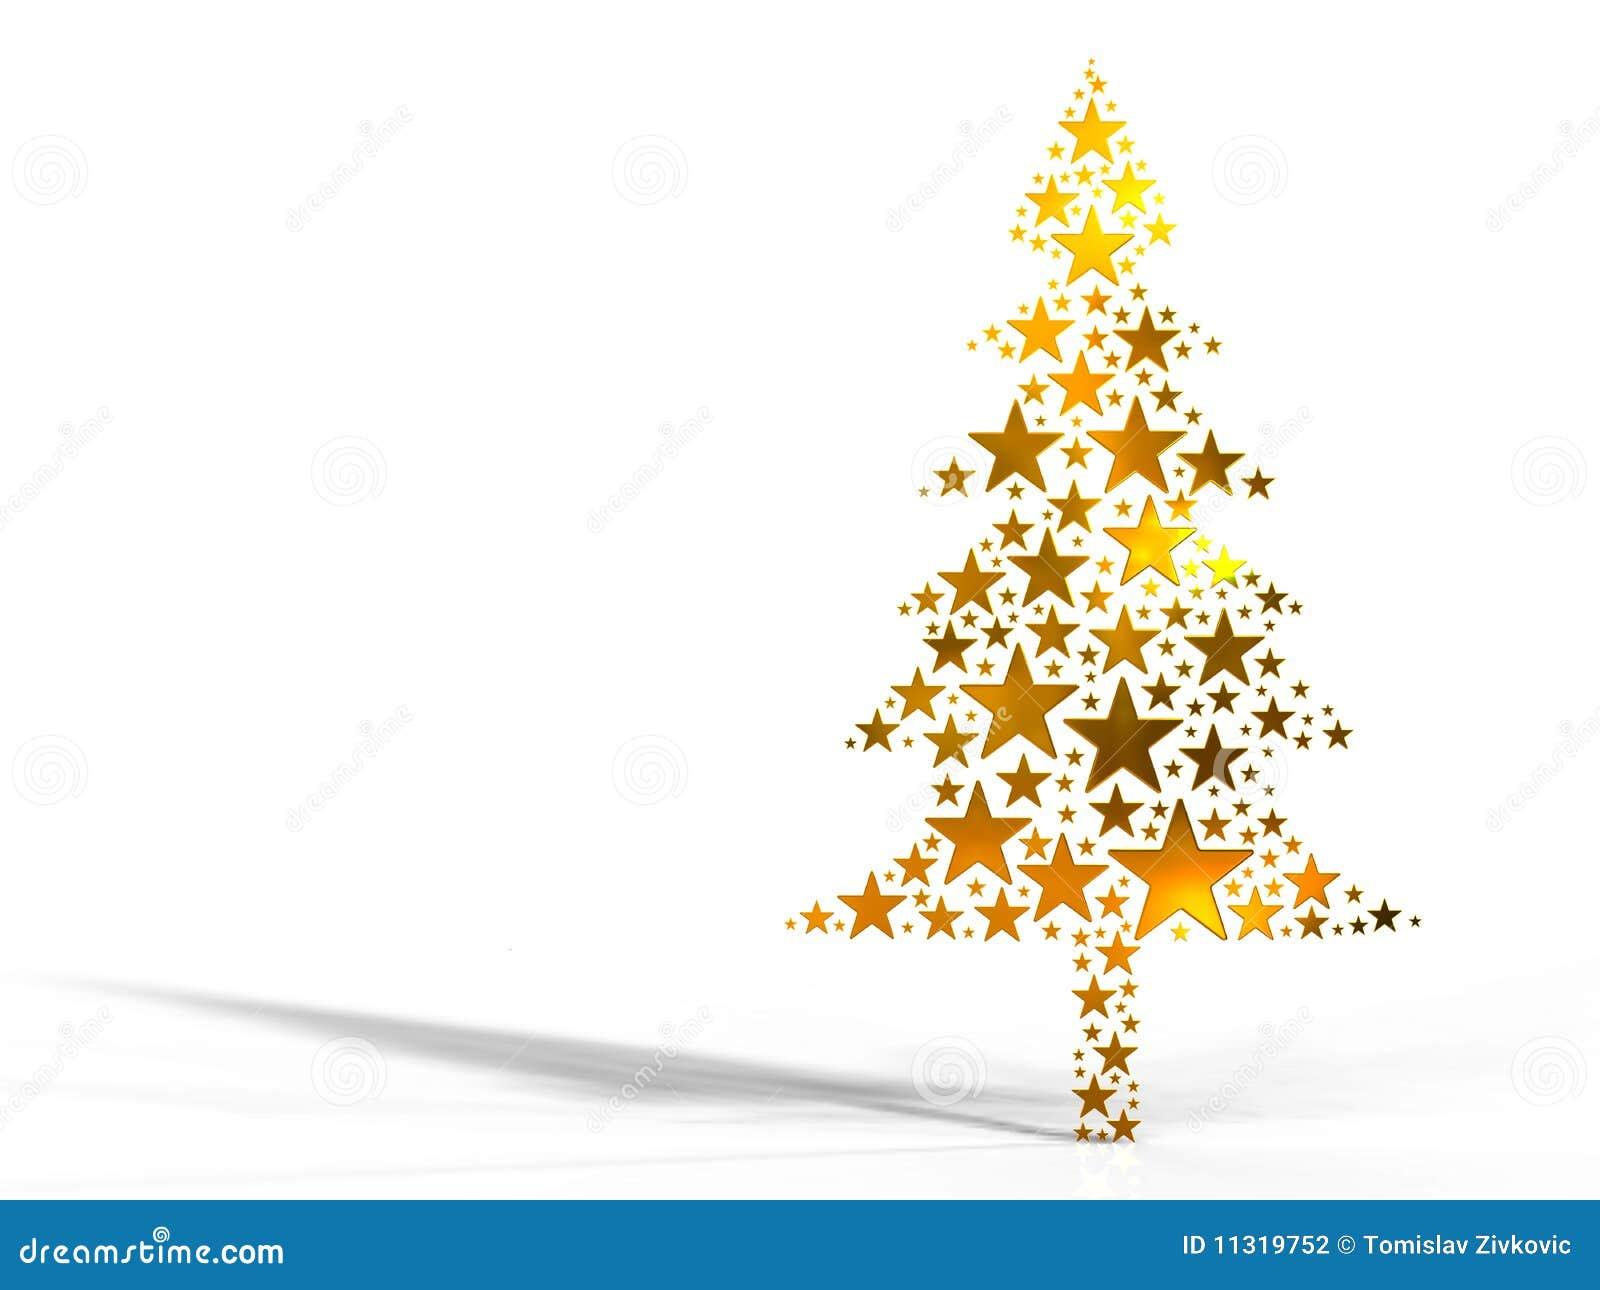 Weihnachtsbaum gebildet von den goldenen Sternen